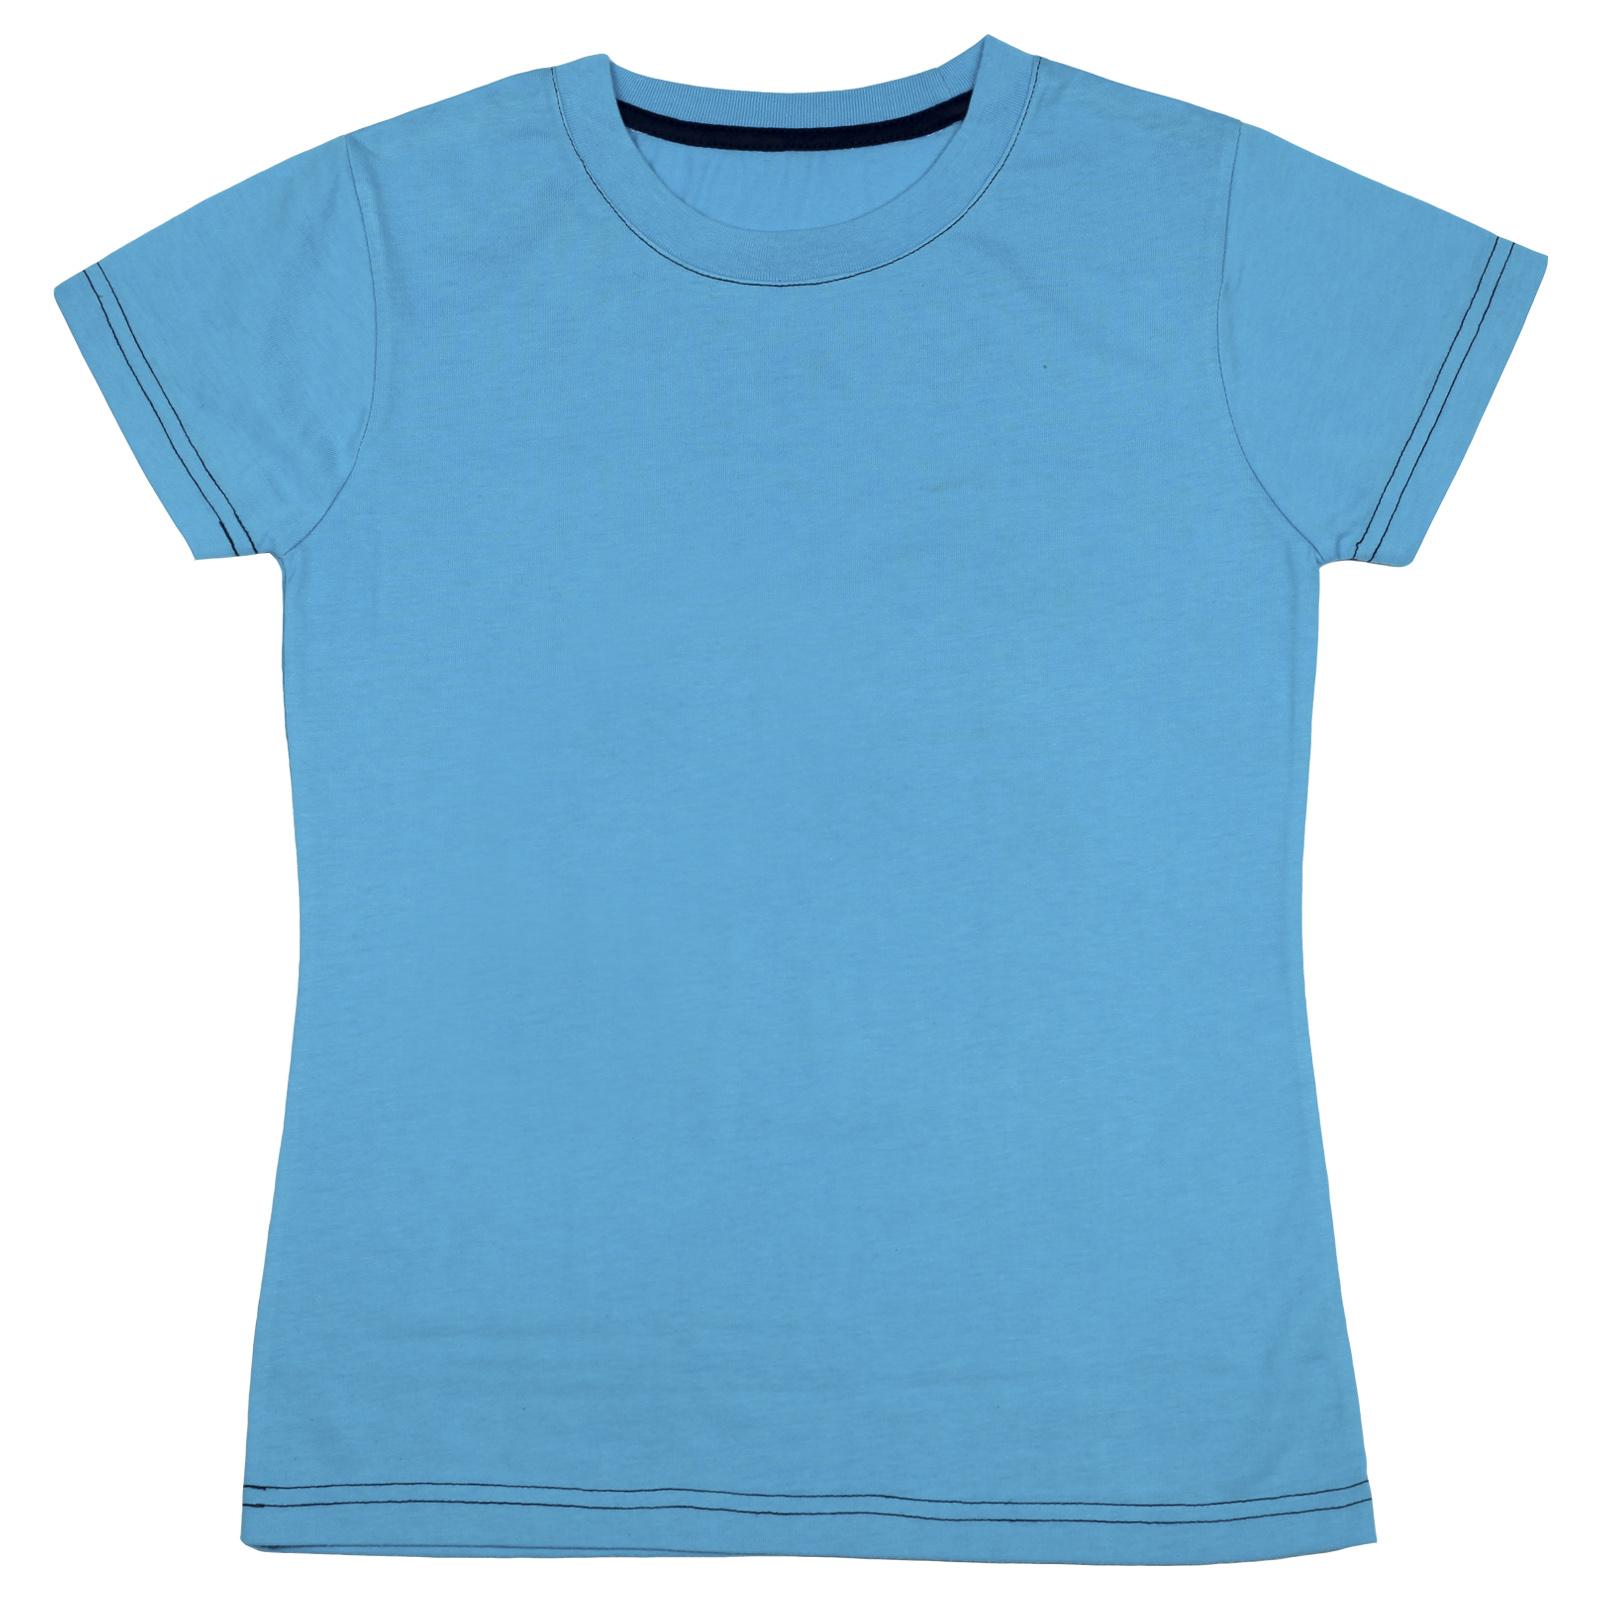 Детская однотонная голубая футболка. 100% хлопок